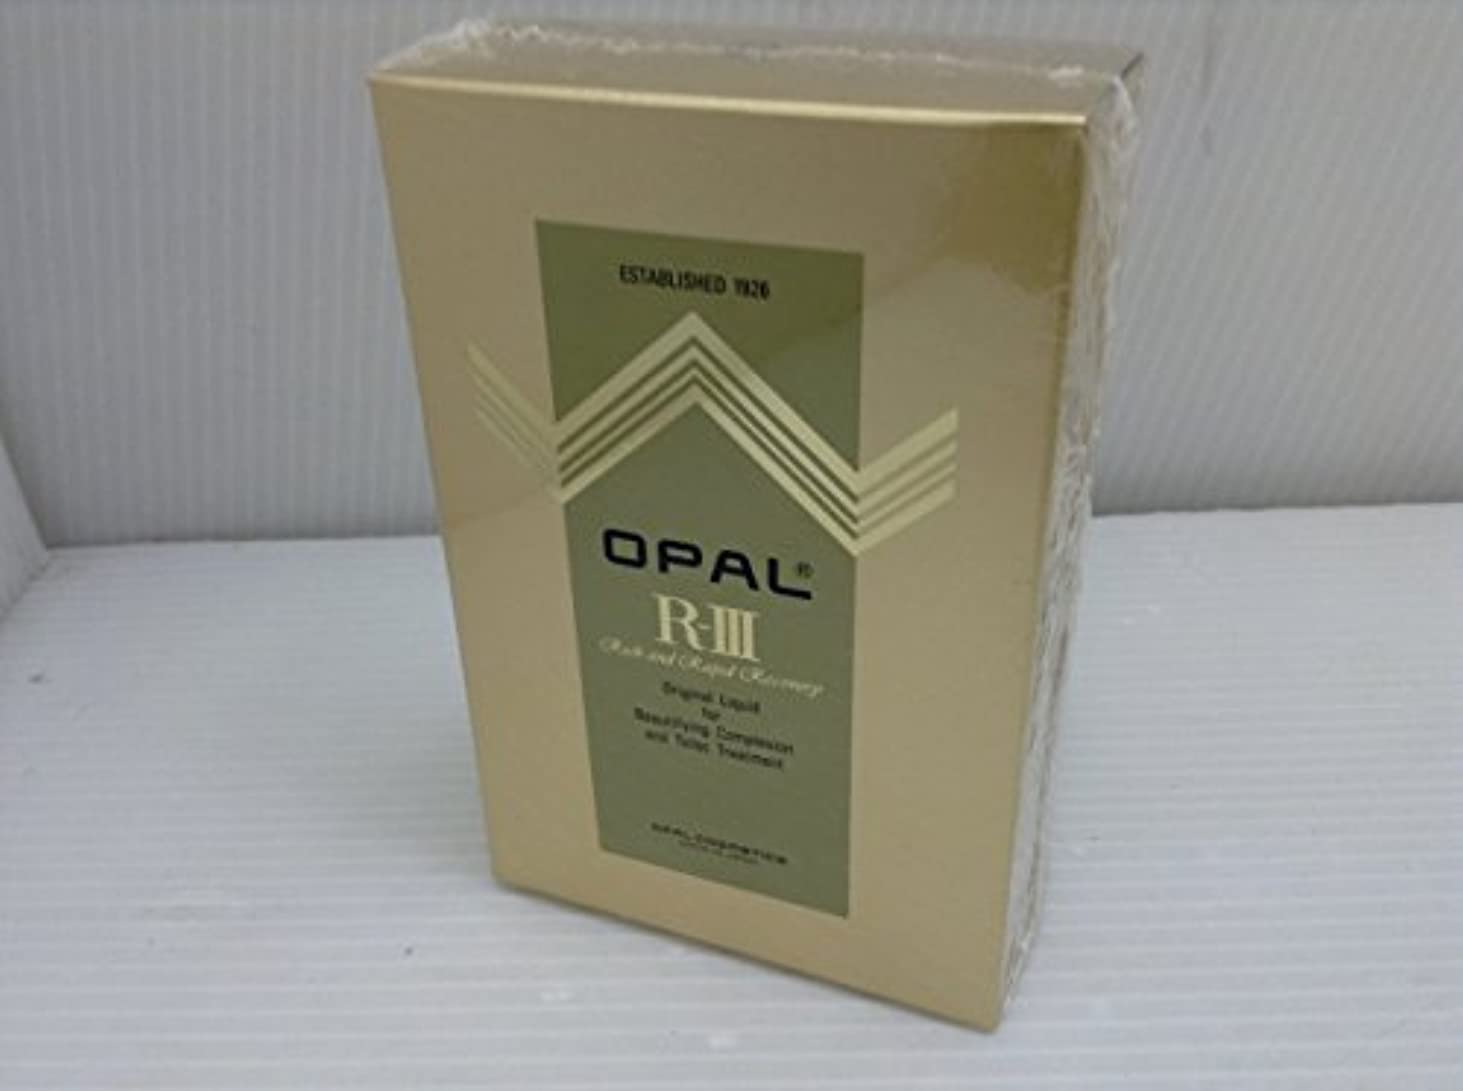 インポート出します取り出すオパール化粧品 美容原液 薬用オパール R-III (150ml)